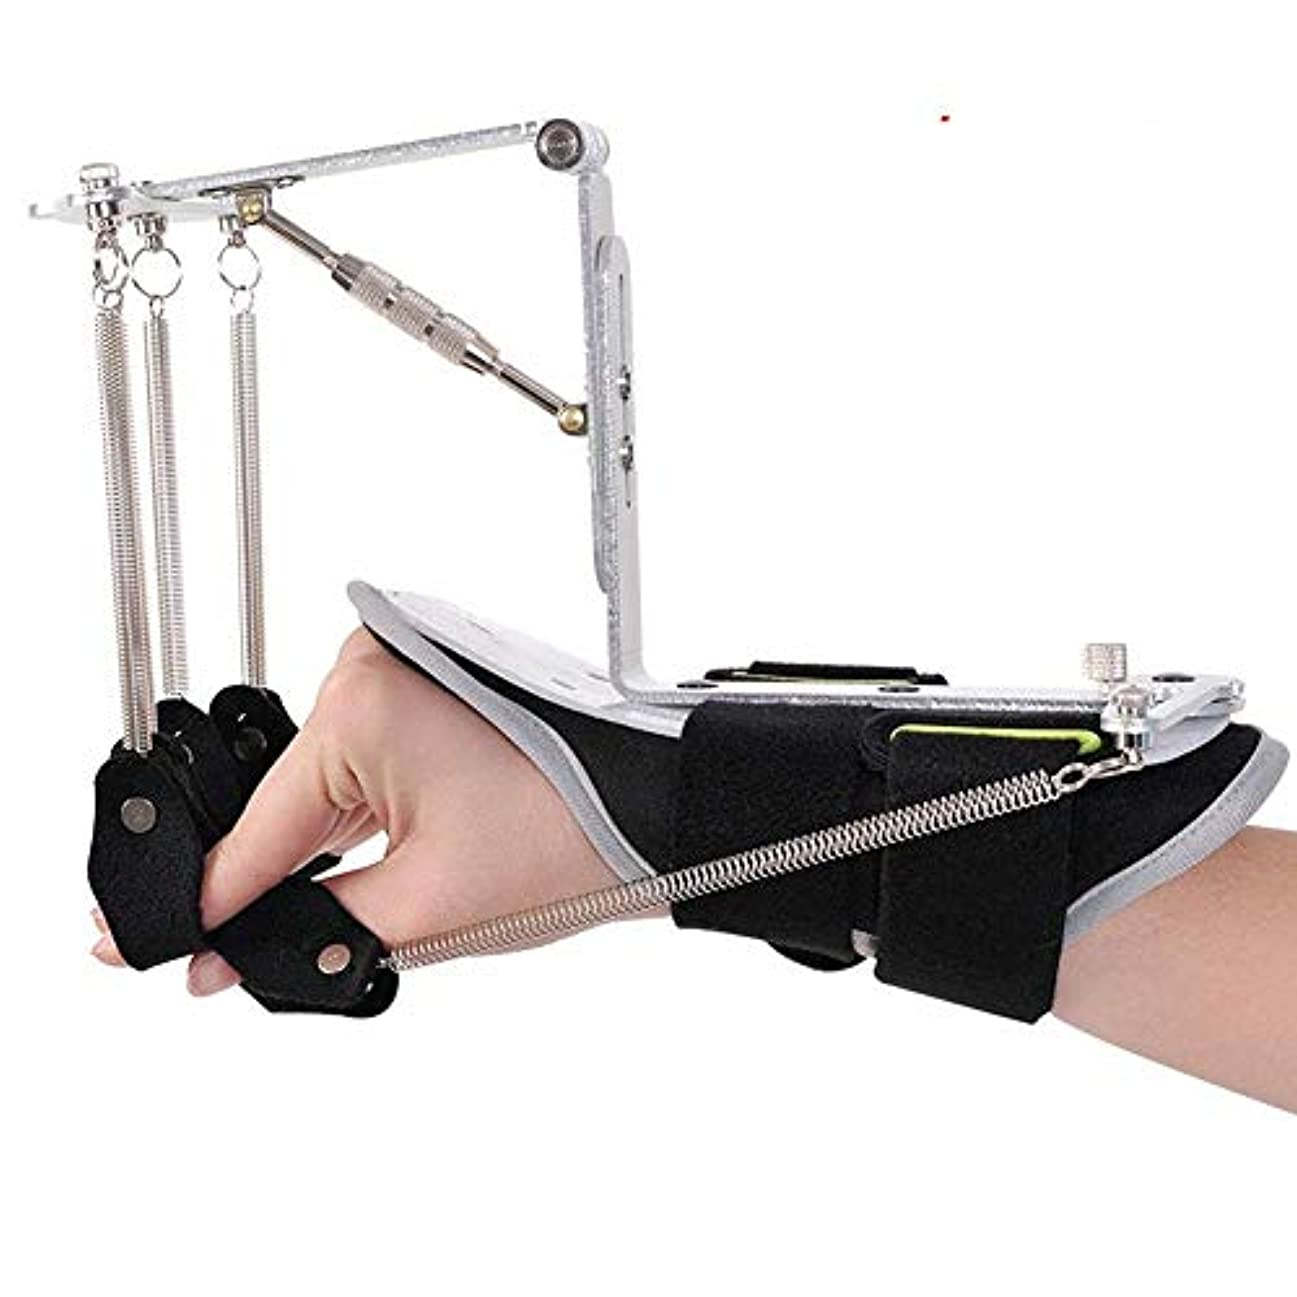 哀占める断線片麻痺患者の指の怪我のサポート、手首のリハビリテーショントレーニング、脳卒中装具,A